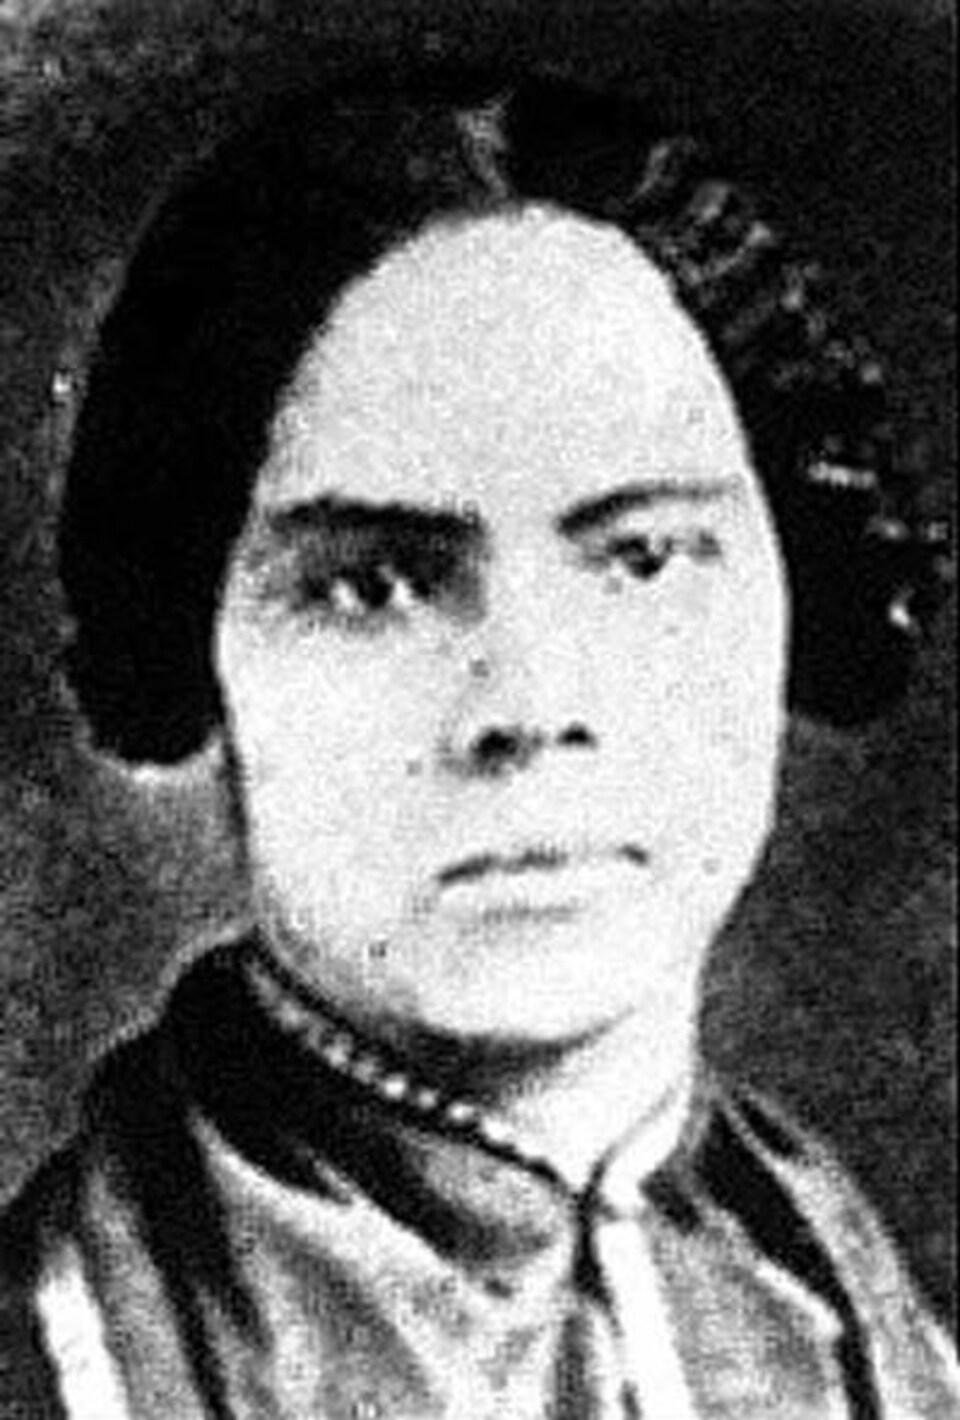 Une photo, très vieille, d'une femme noire